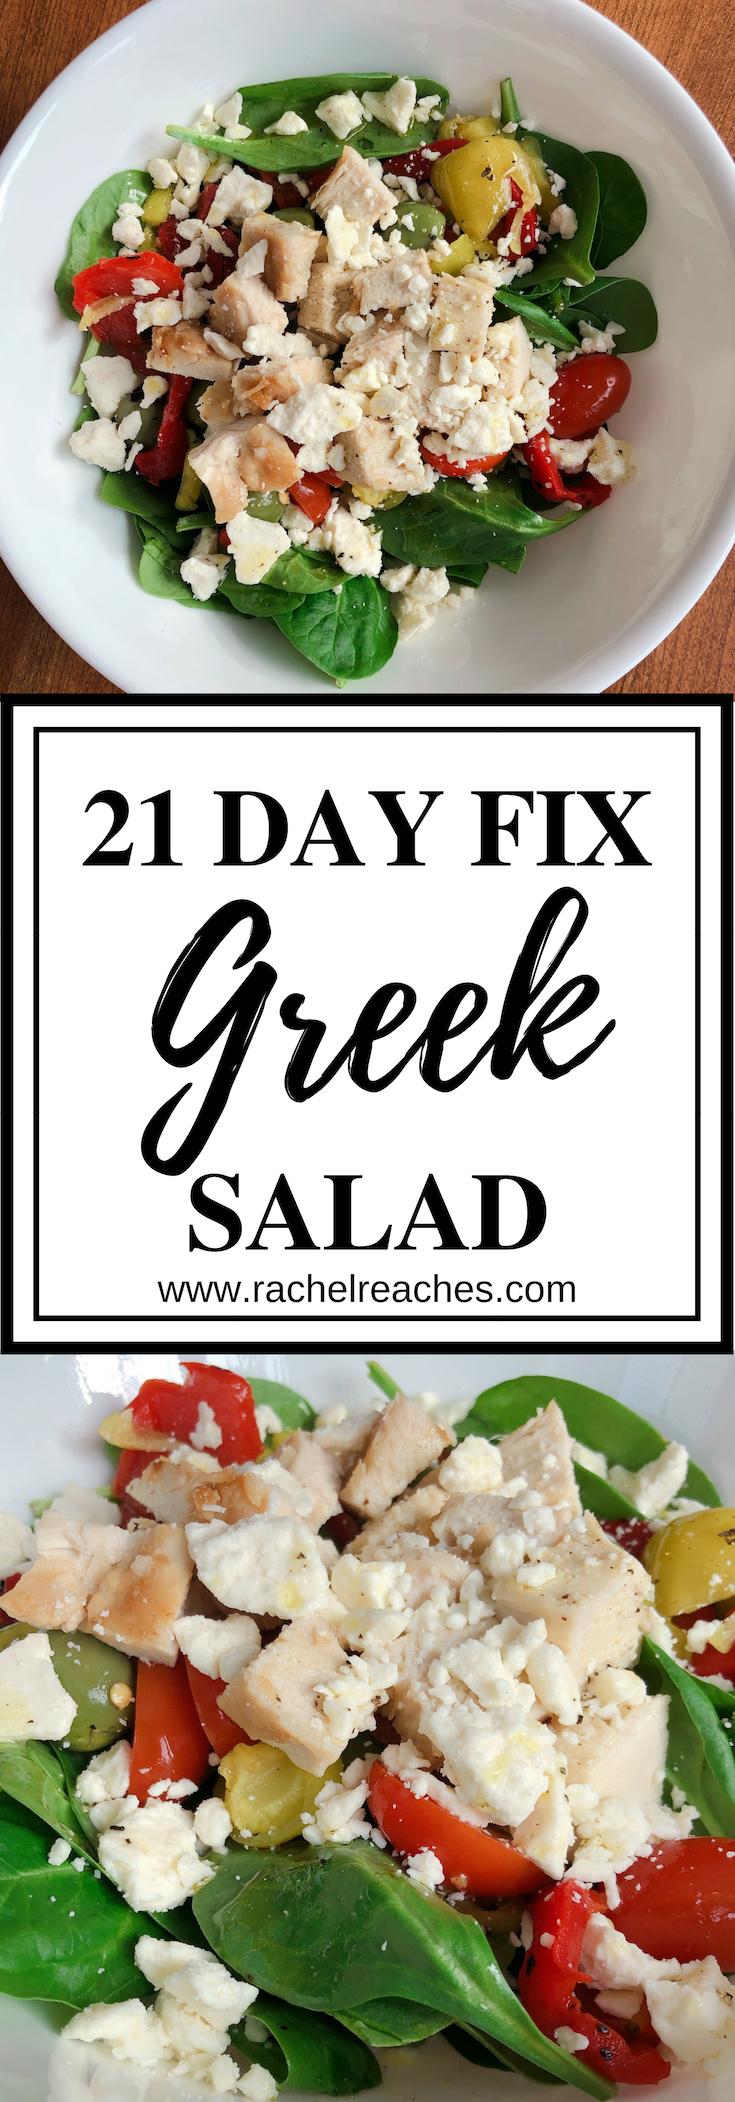 Greek Salad Pin - 21 Day Fix.png